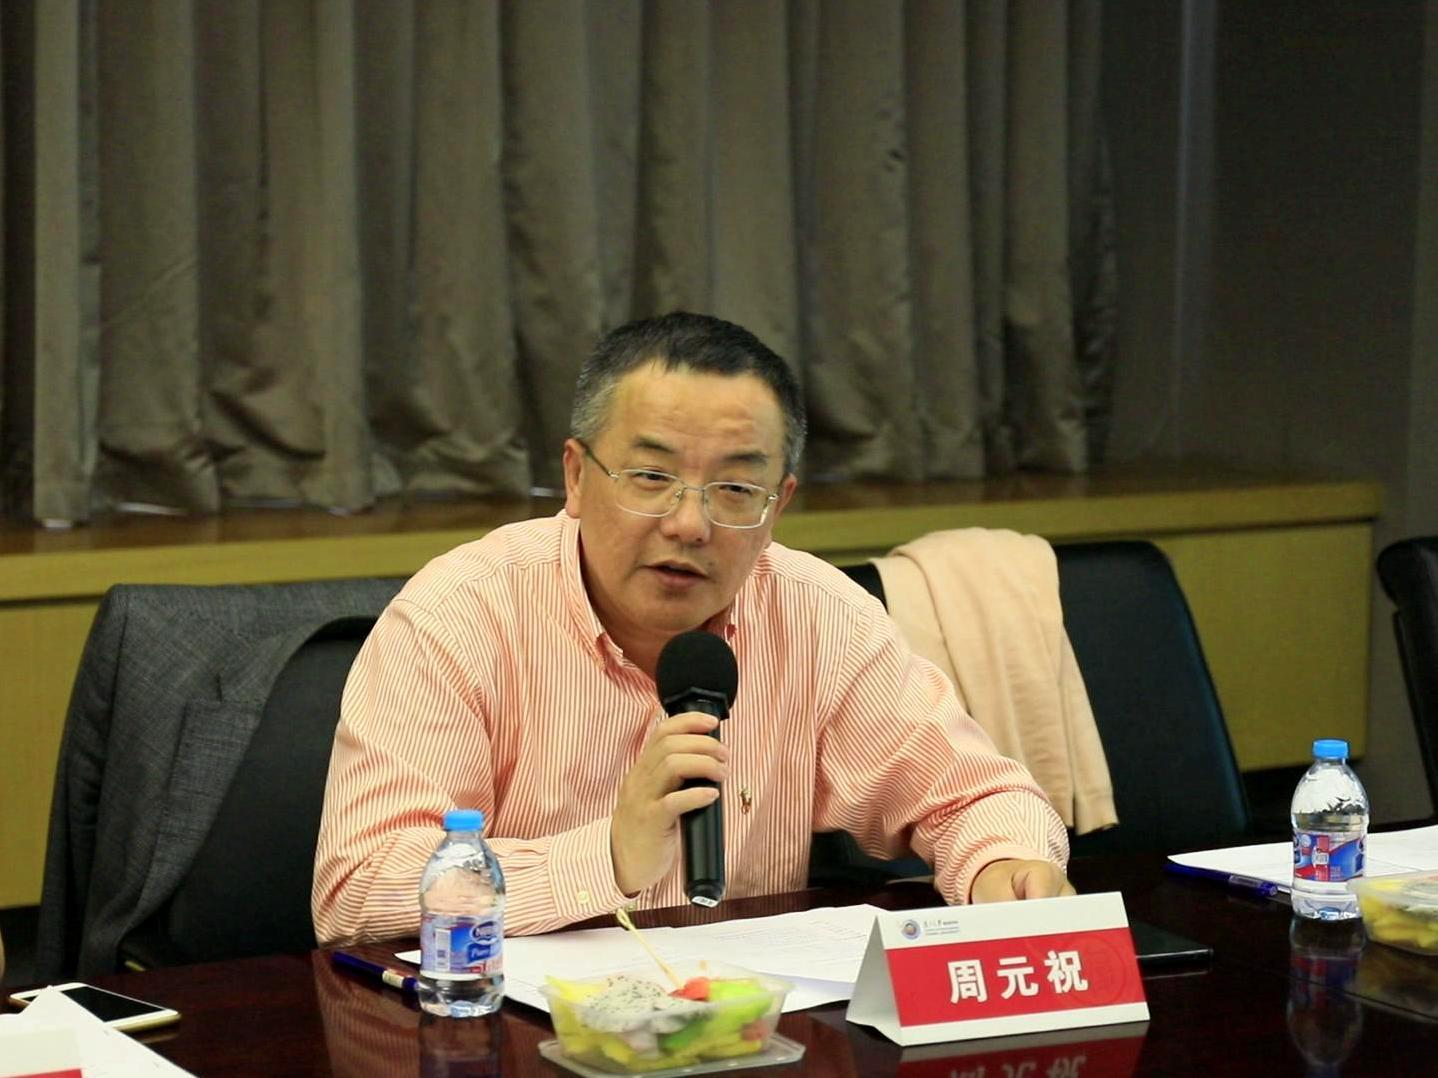 上海企業文化與品牌研究所所長 周元祝